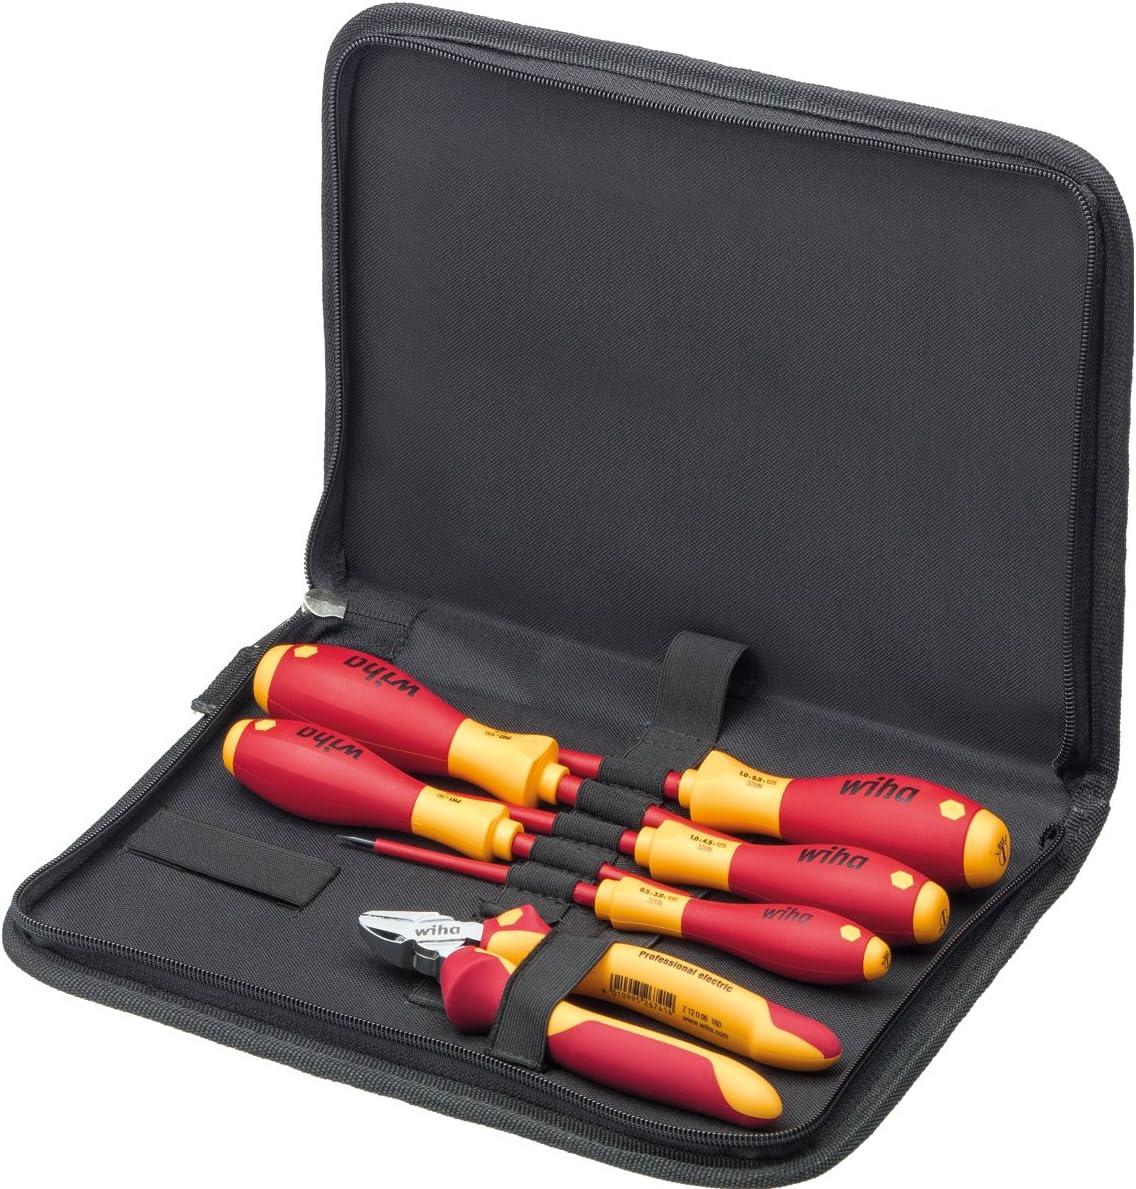 WIHA 33969 - Juego de herramientas para electricistas 9300-018 Tool Set Electrician Ref. 9300018